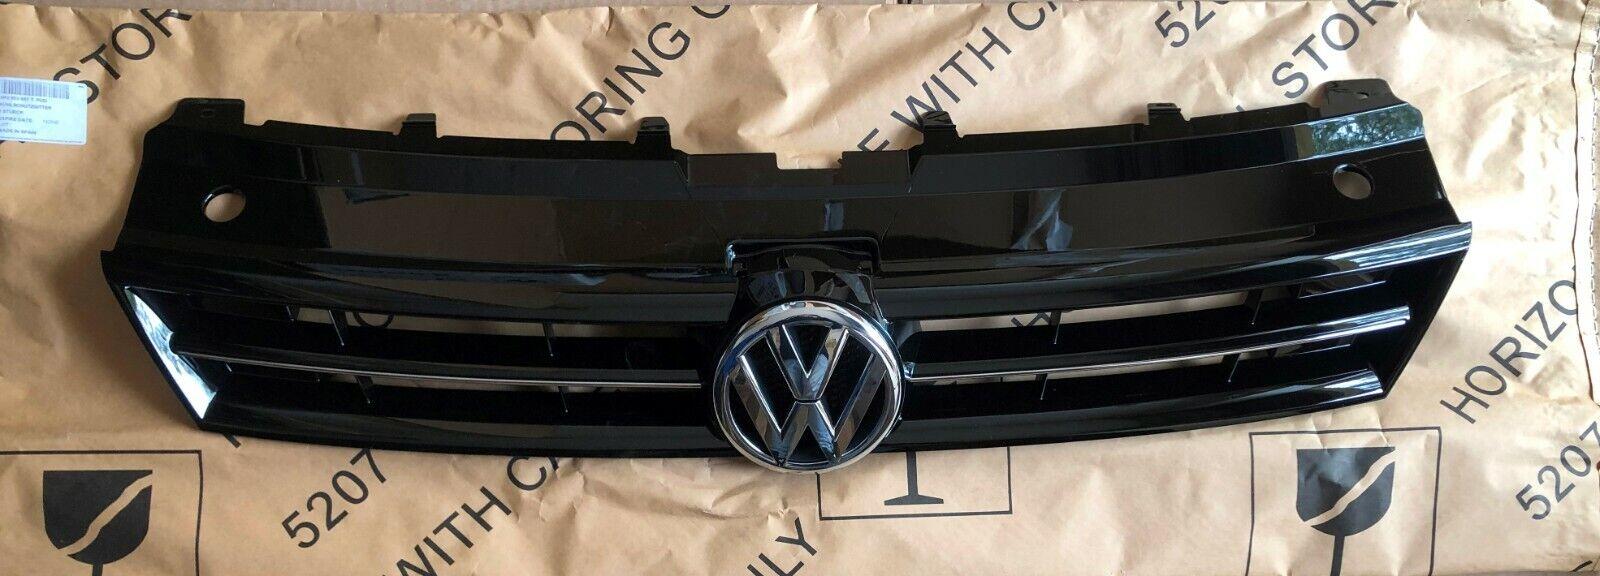 ORIGINALI VW Crafter 2006-2016 Mascherina per stossfänger davanti a metà OE-N 2e0807819